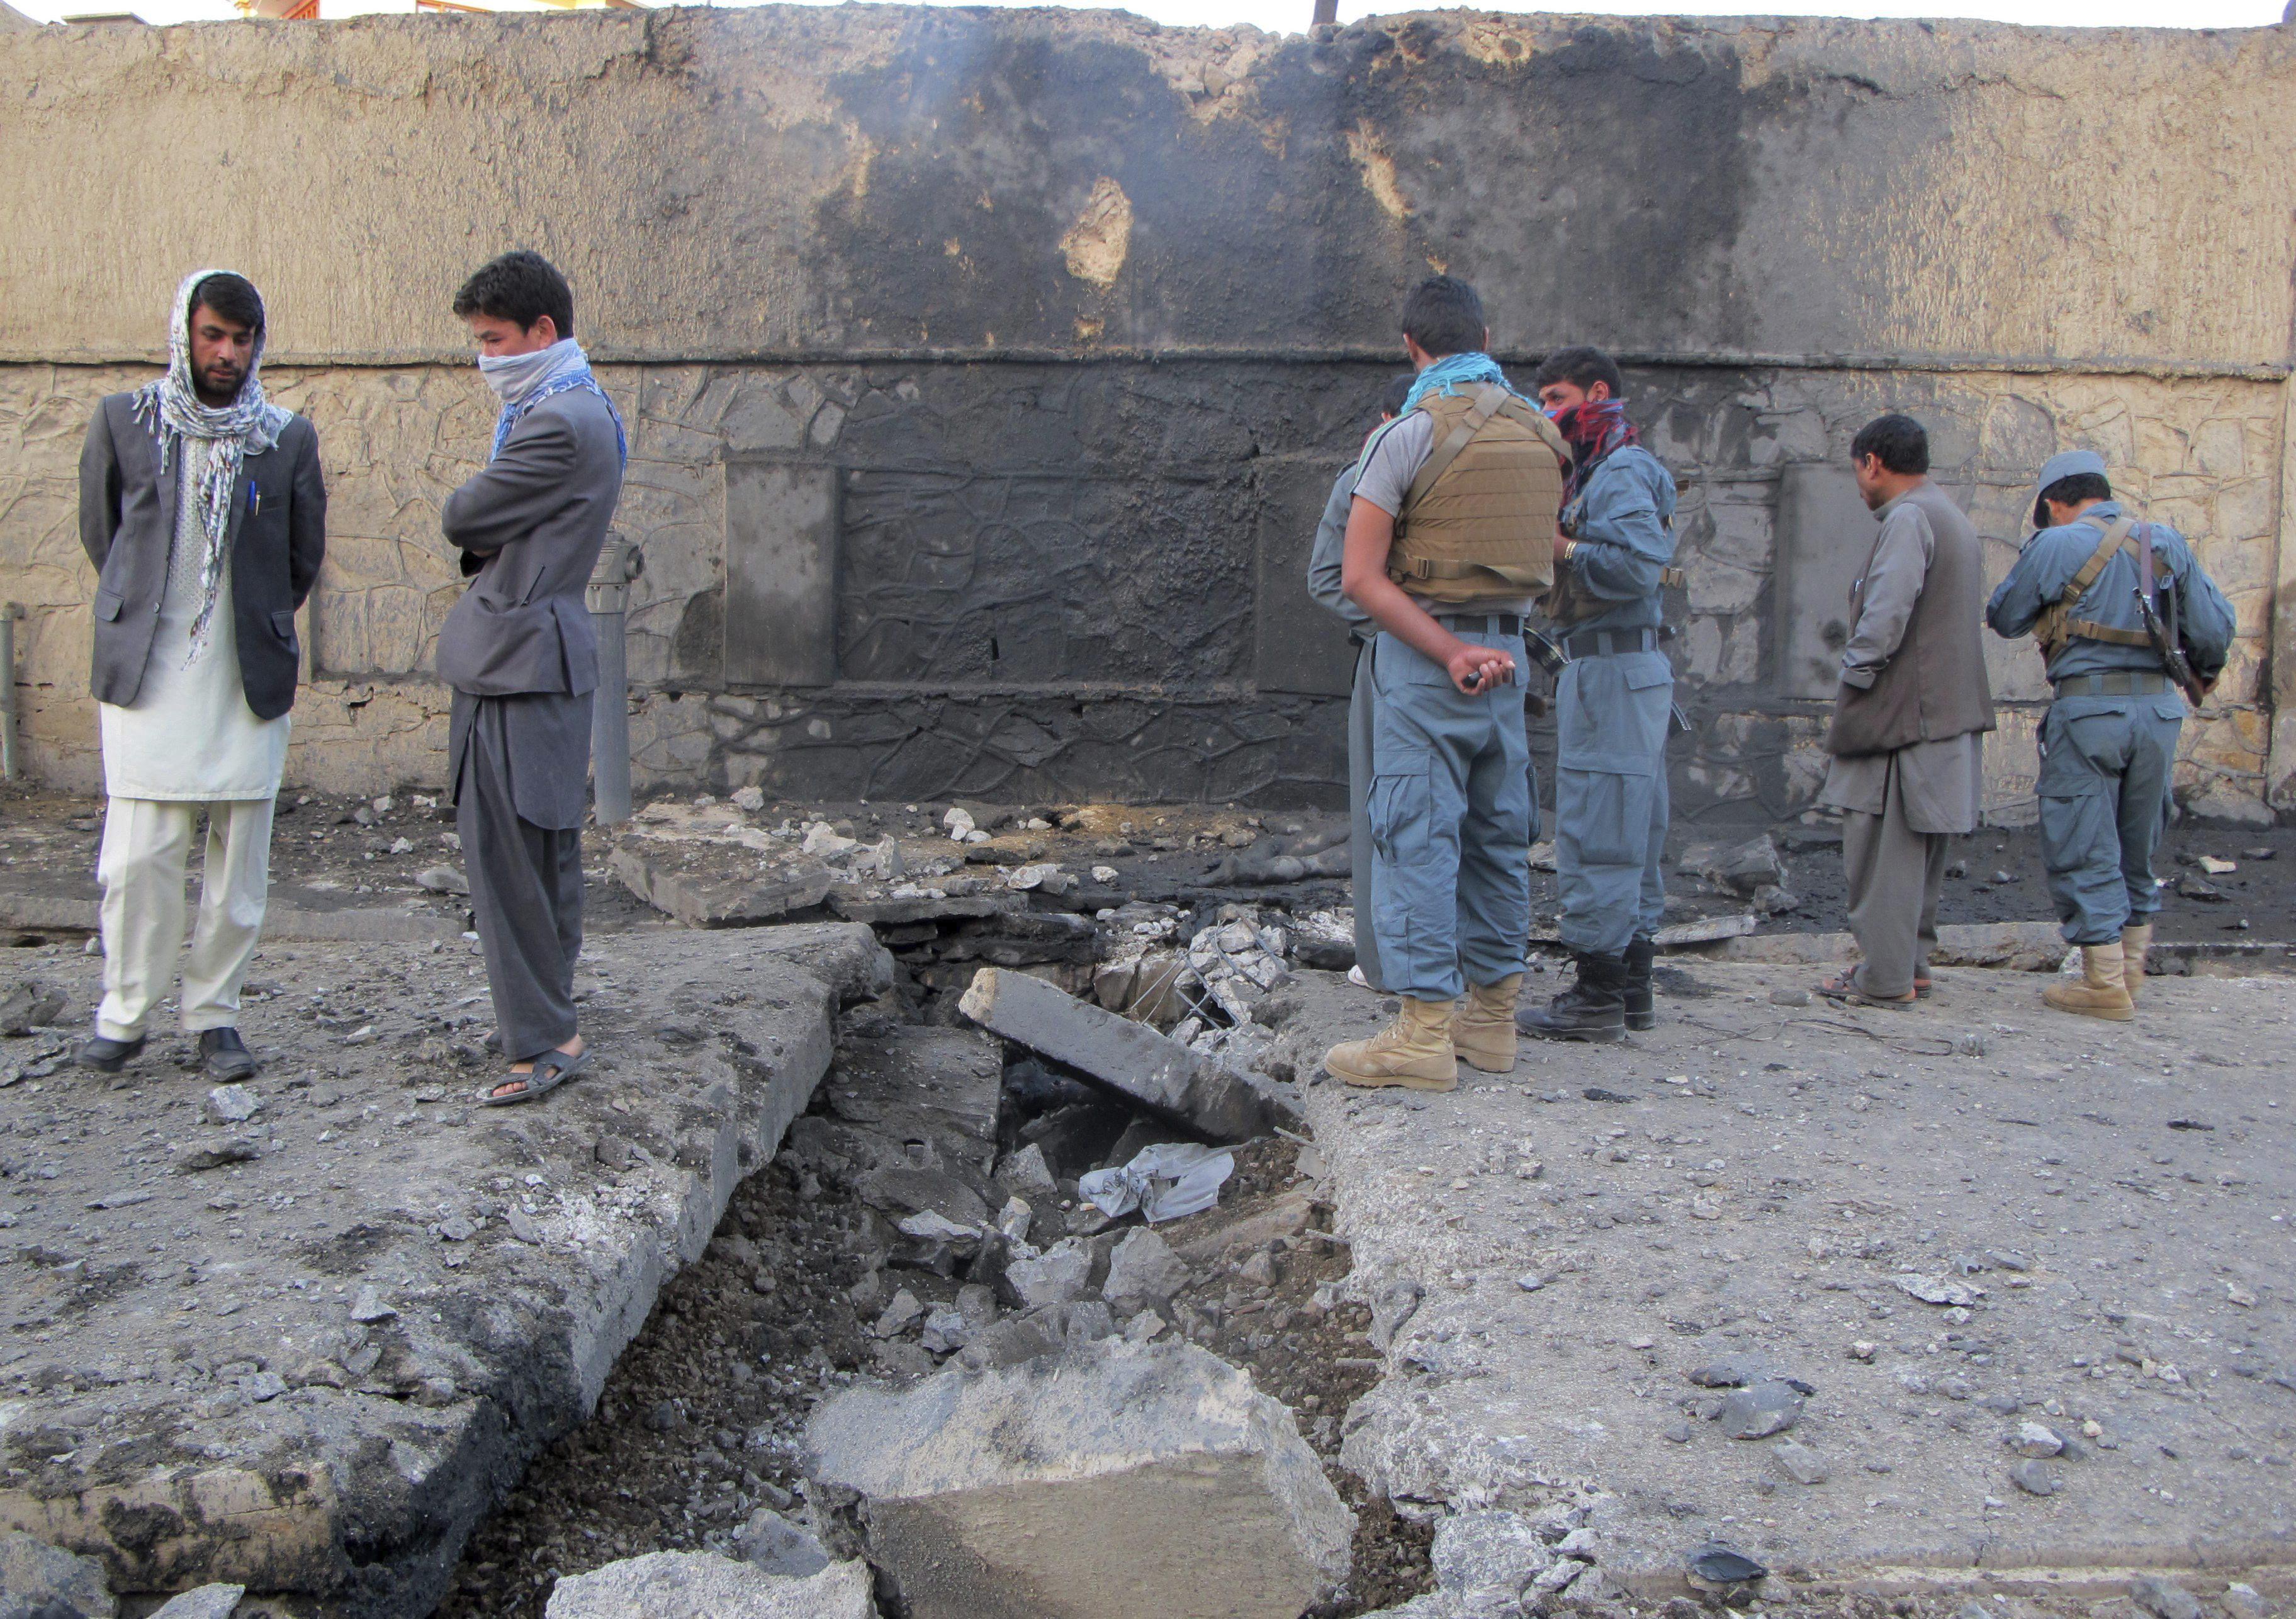 Dos proyectiles impactan contra la embajada de EEUU en Kabul sin causar víctimas